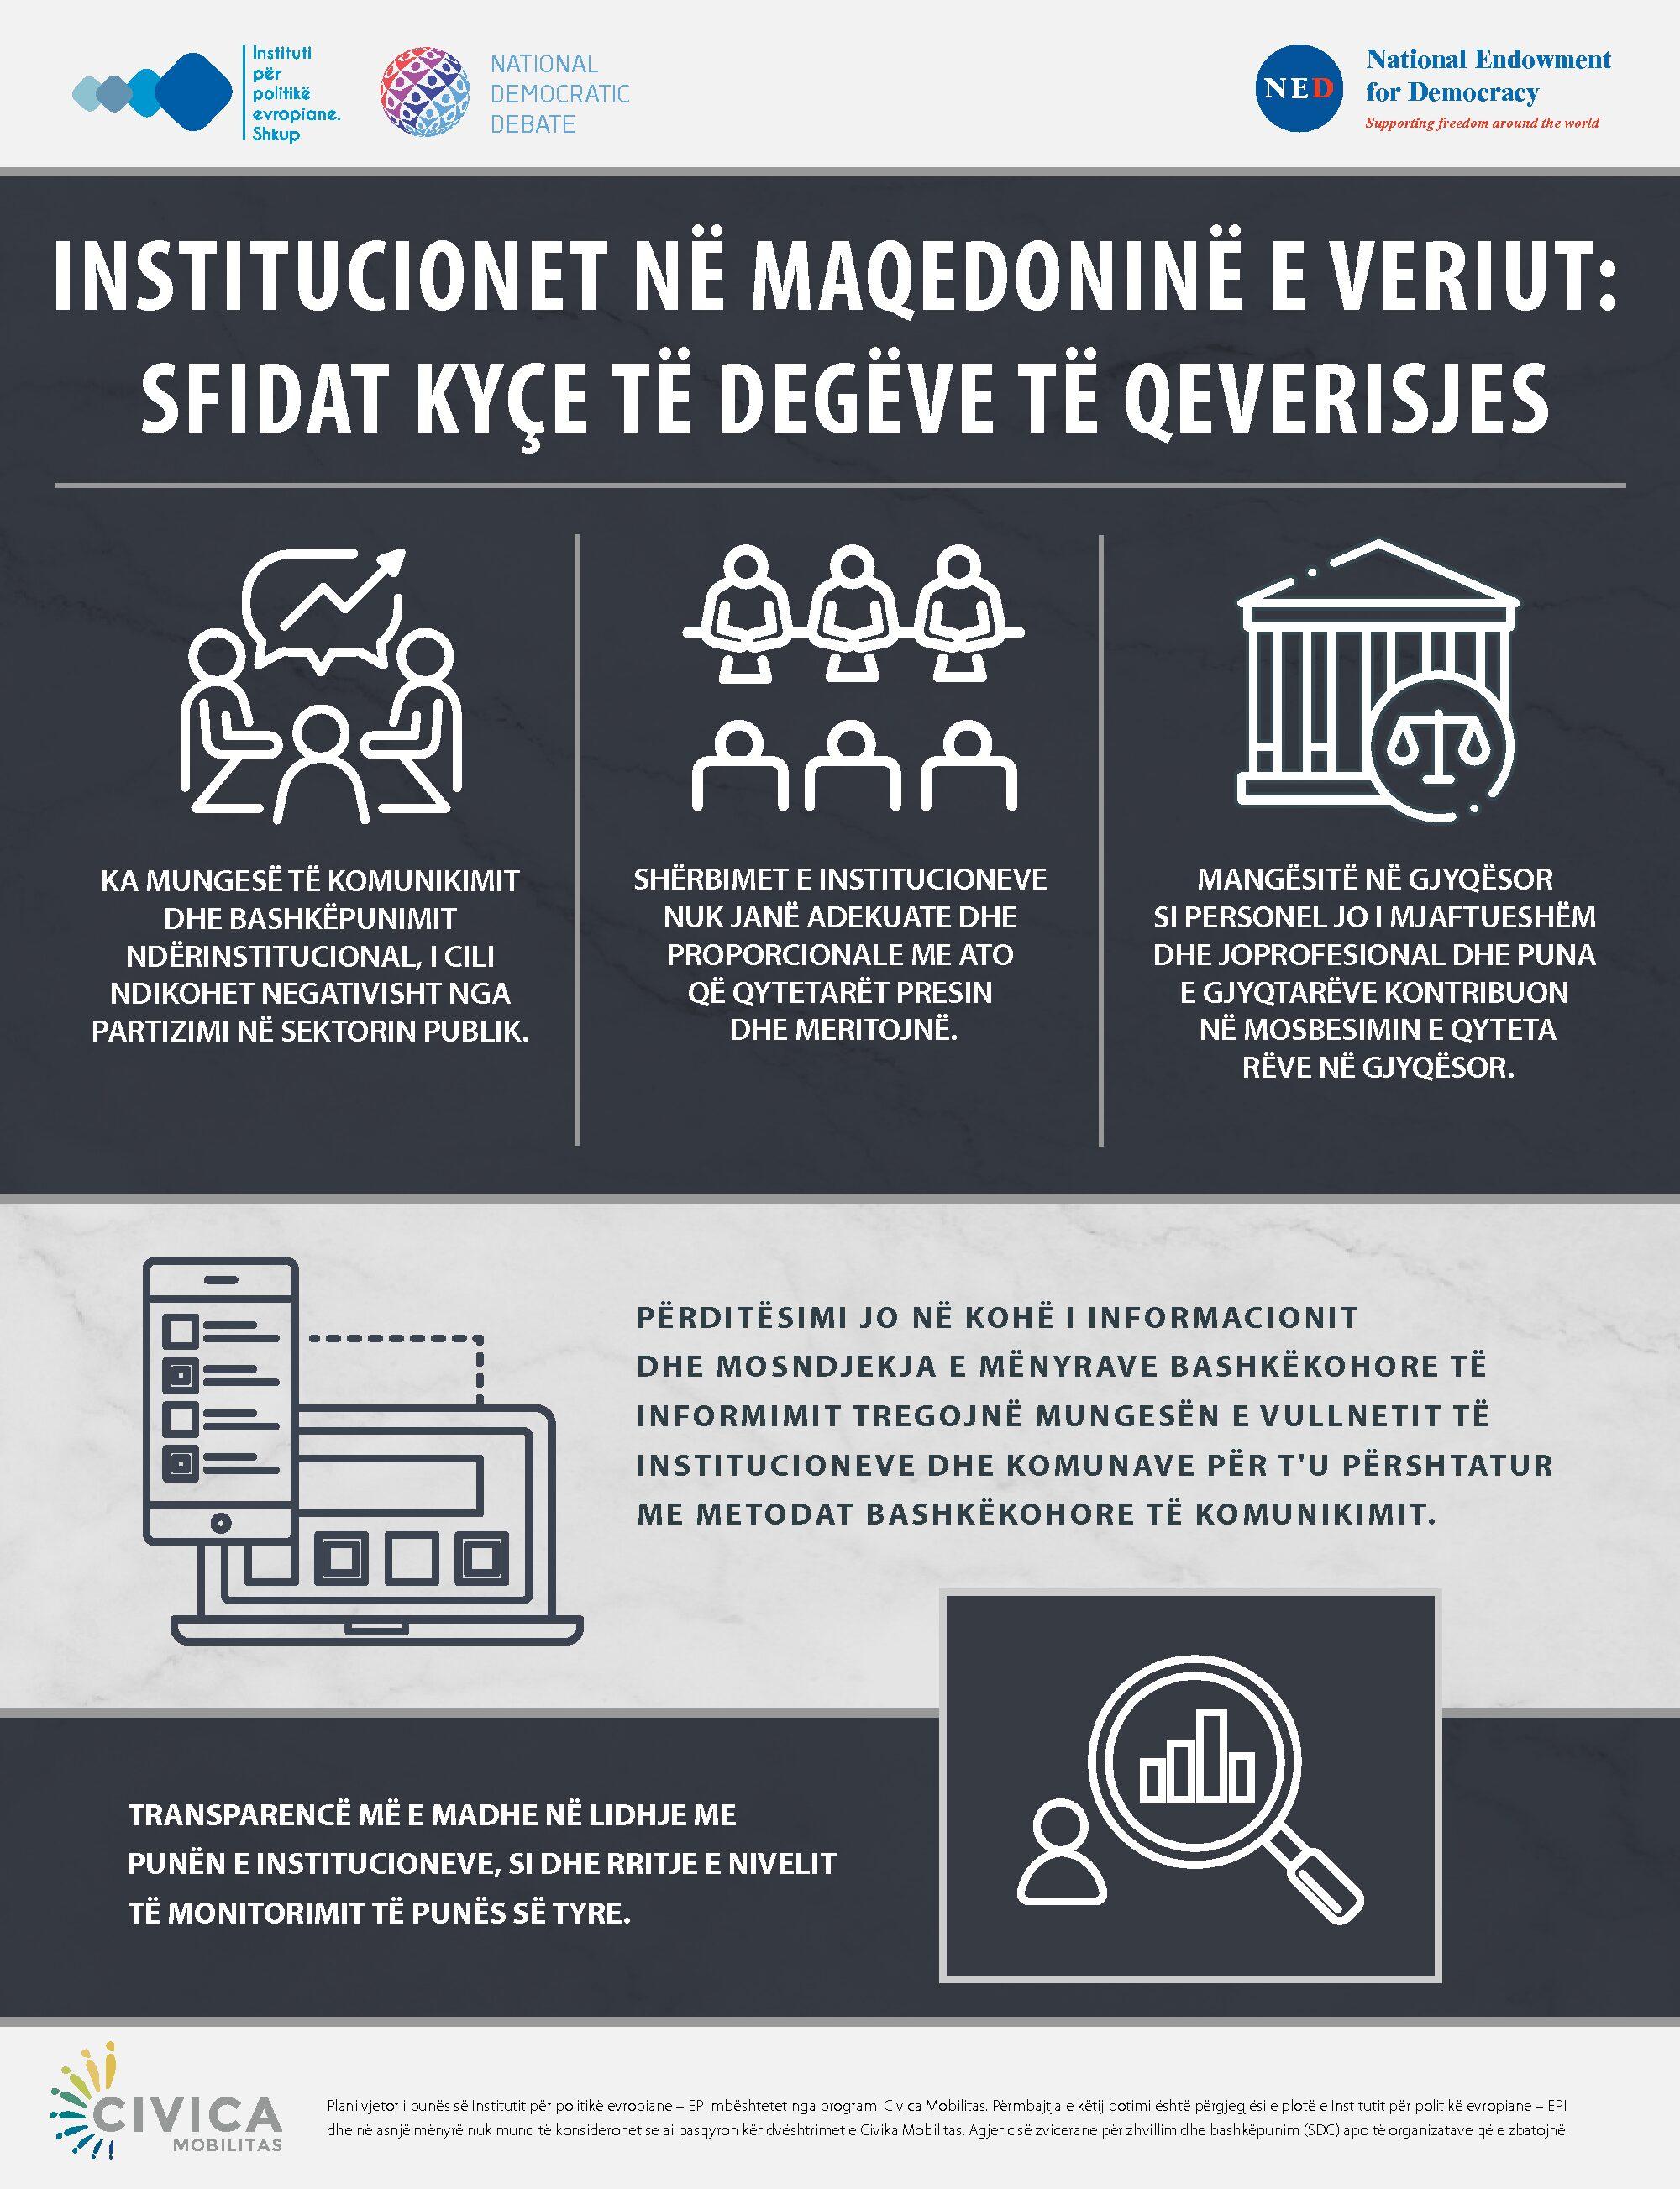 [Infografik] Institucionet në Maqedoninë e Veriut: Sfidat kyçe të degëve të qeverisjes